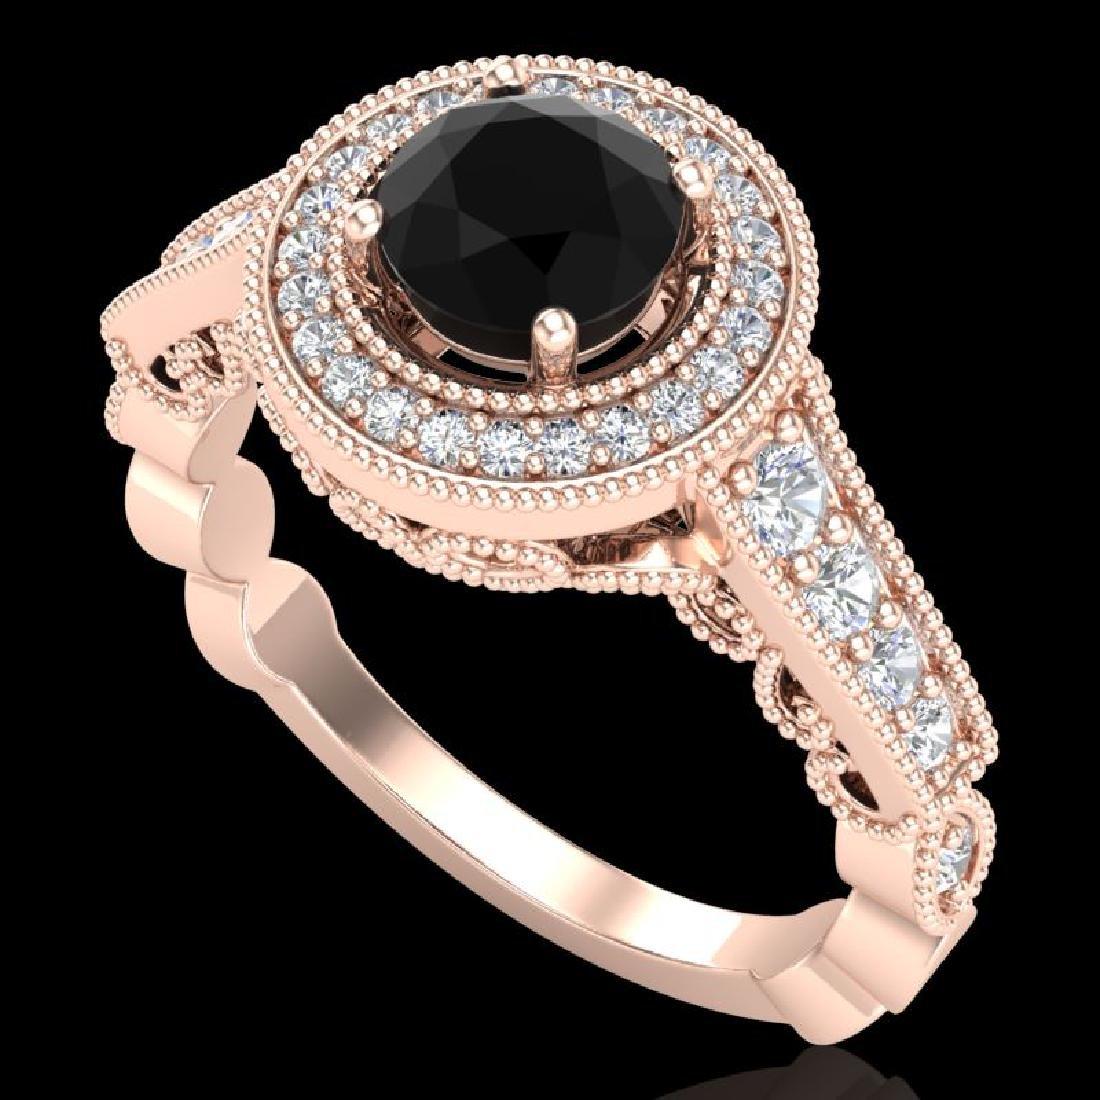 1.12 CTW Fancy Black Diamond Solitaire Engagement Art